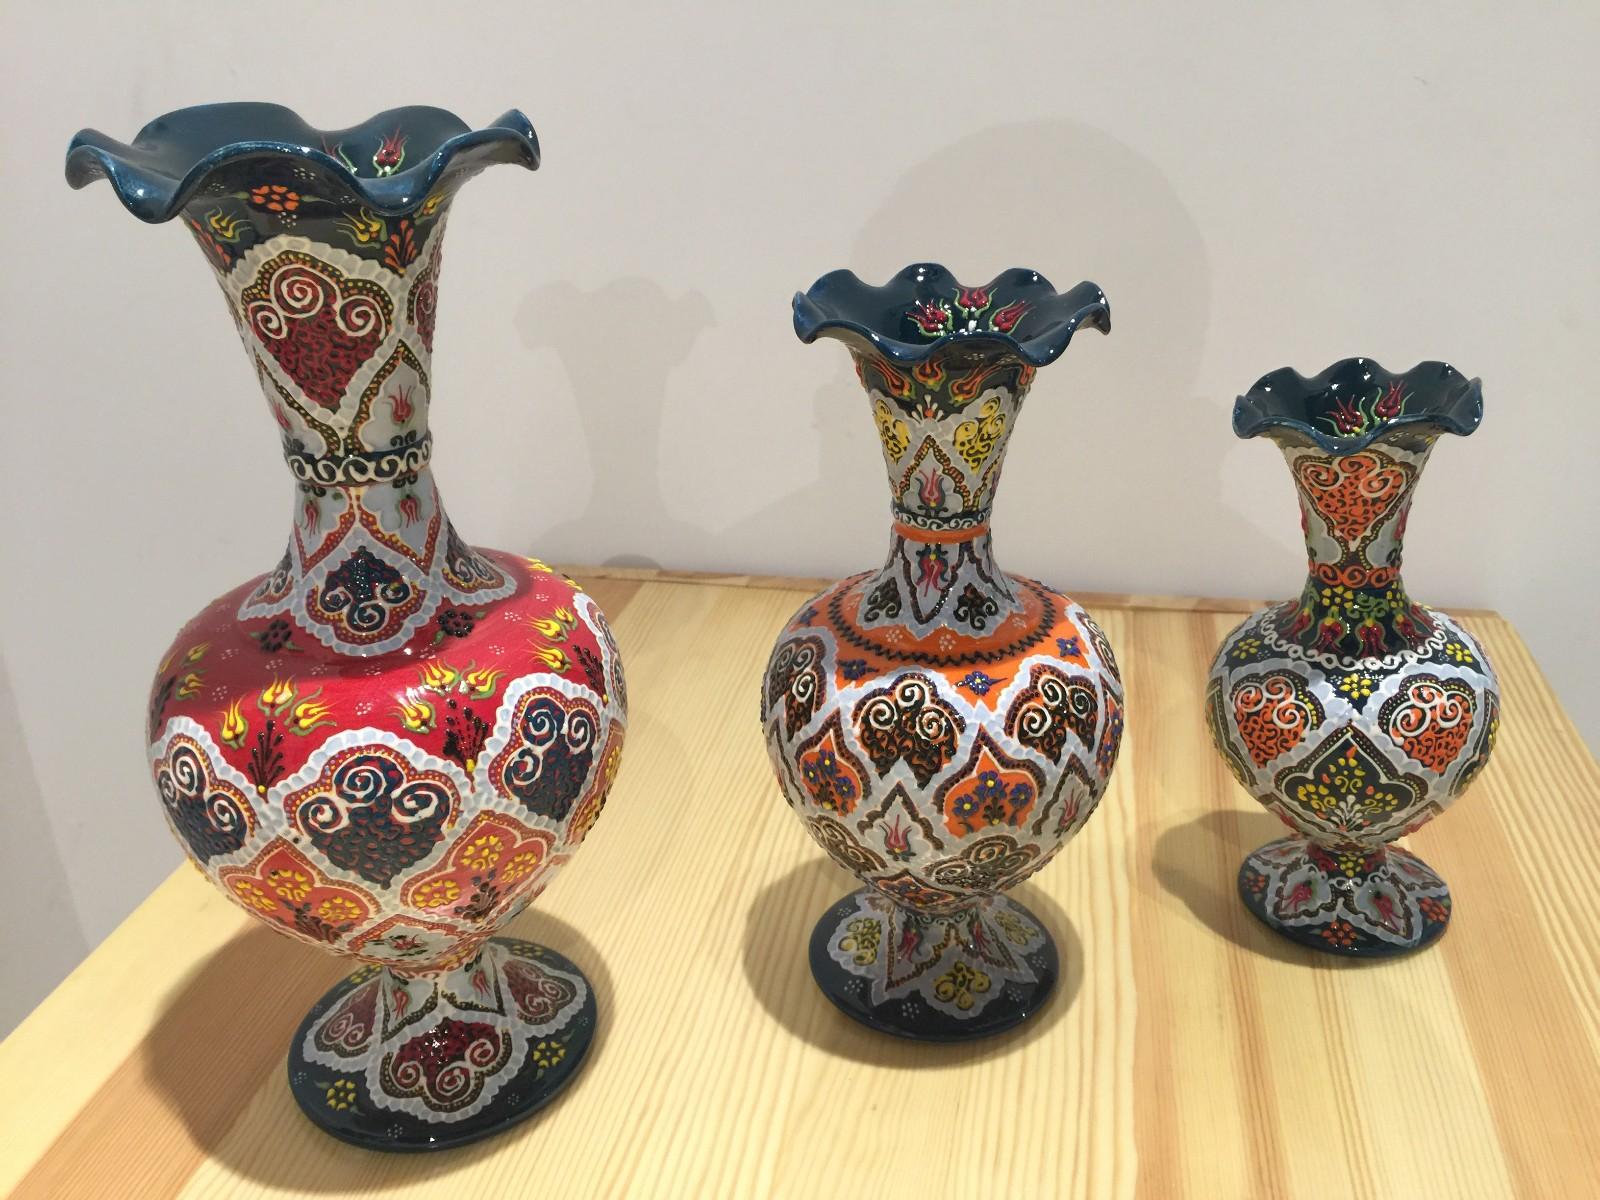 土耳其精品陶艺工艺品 家装摆件 花瓶图片一